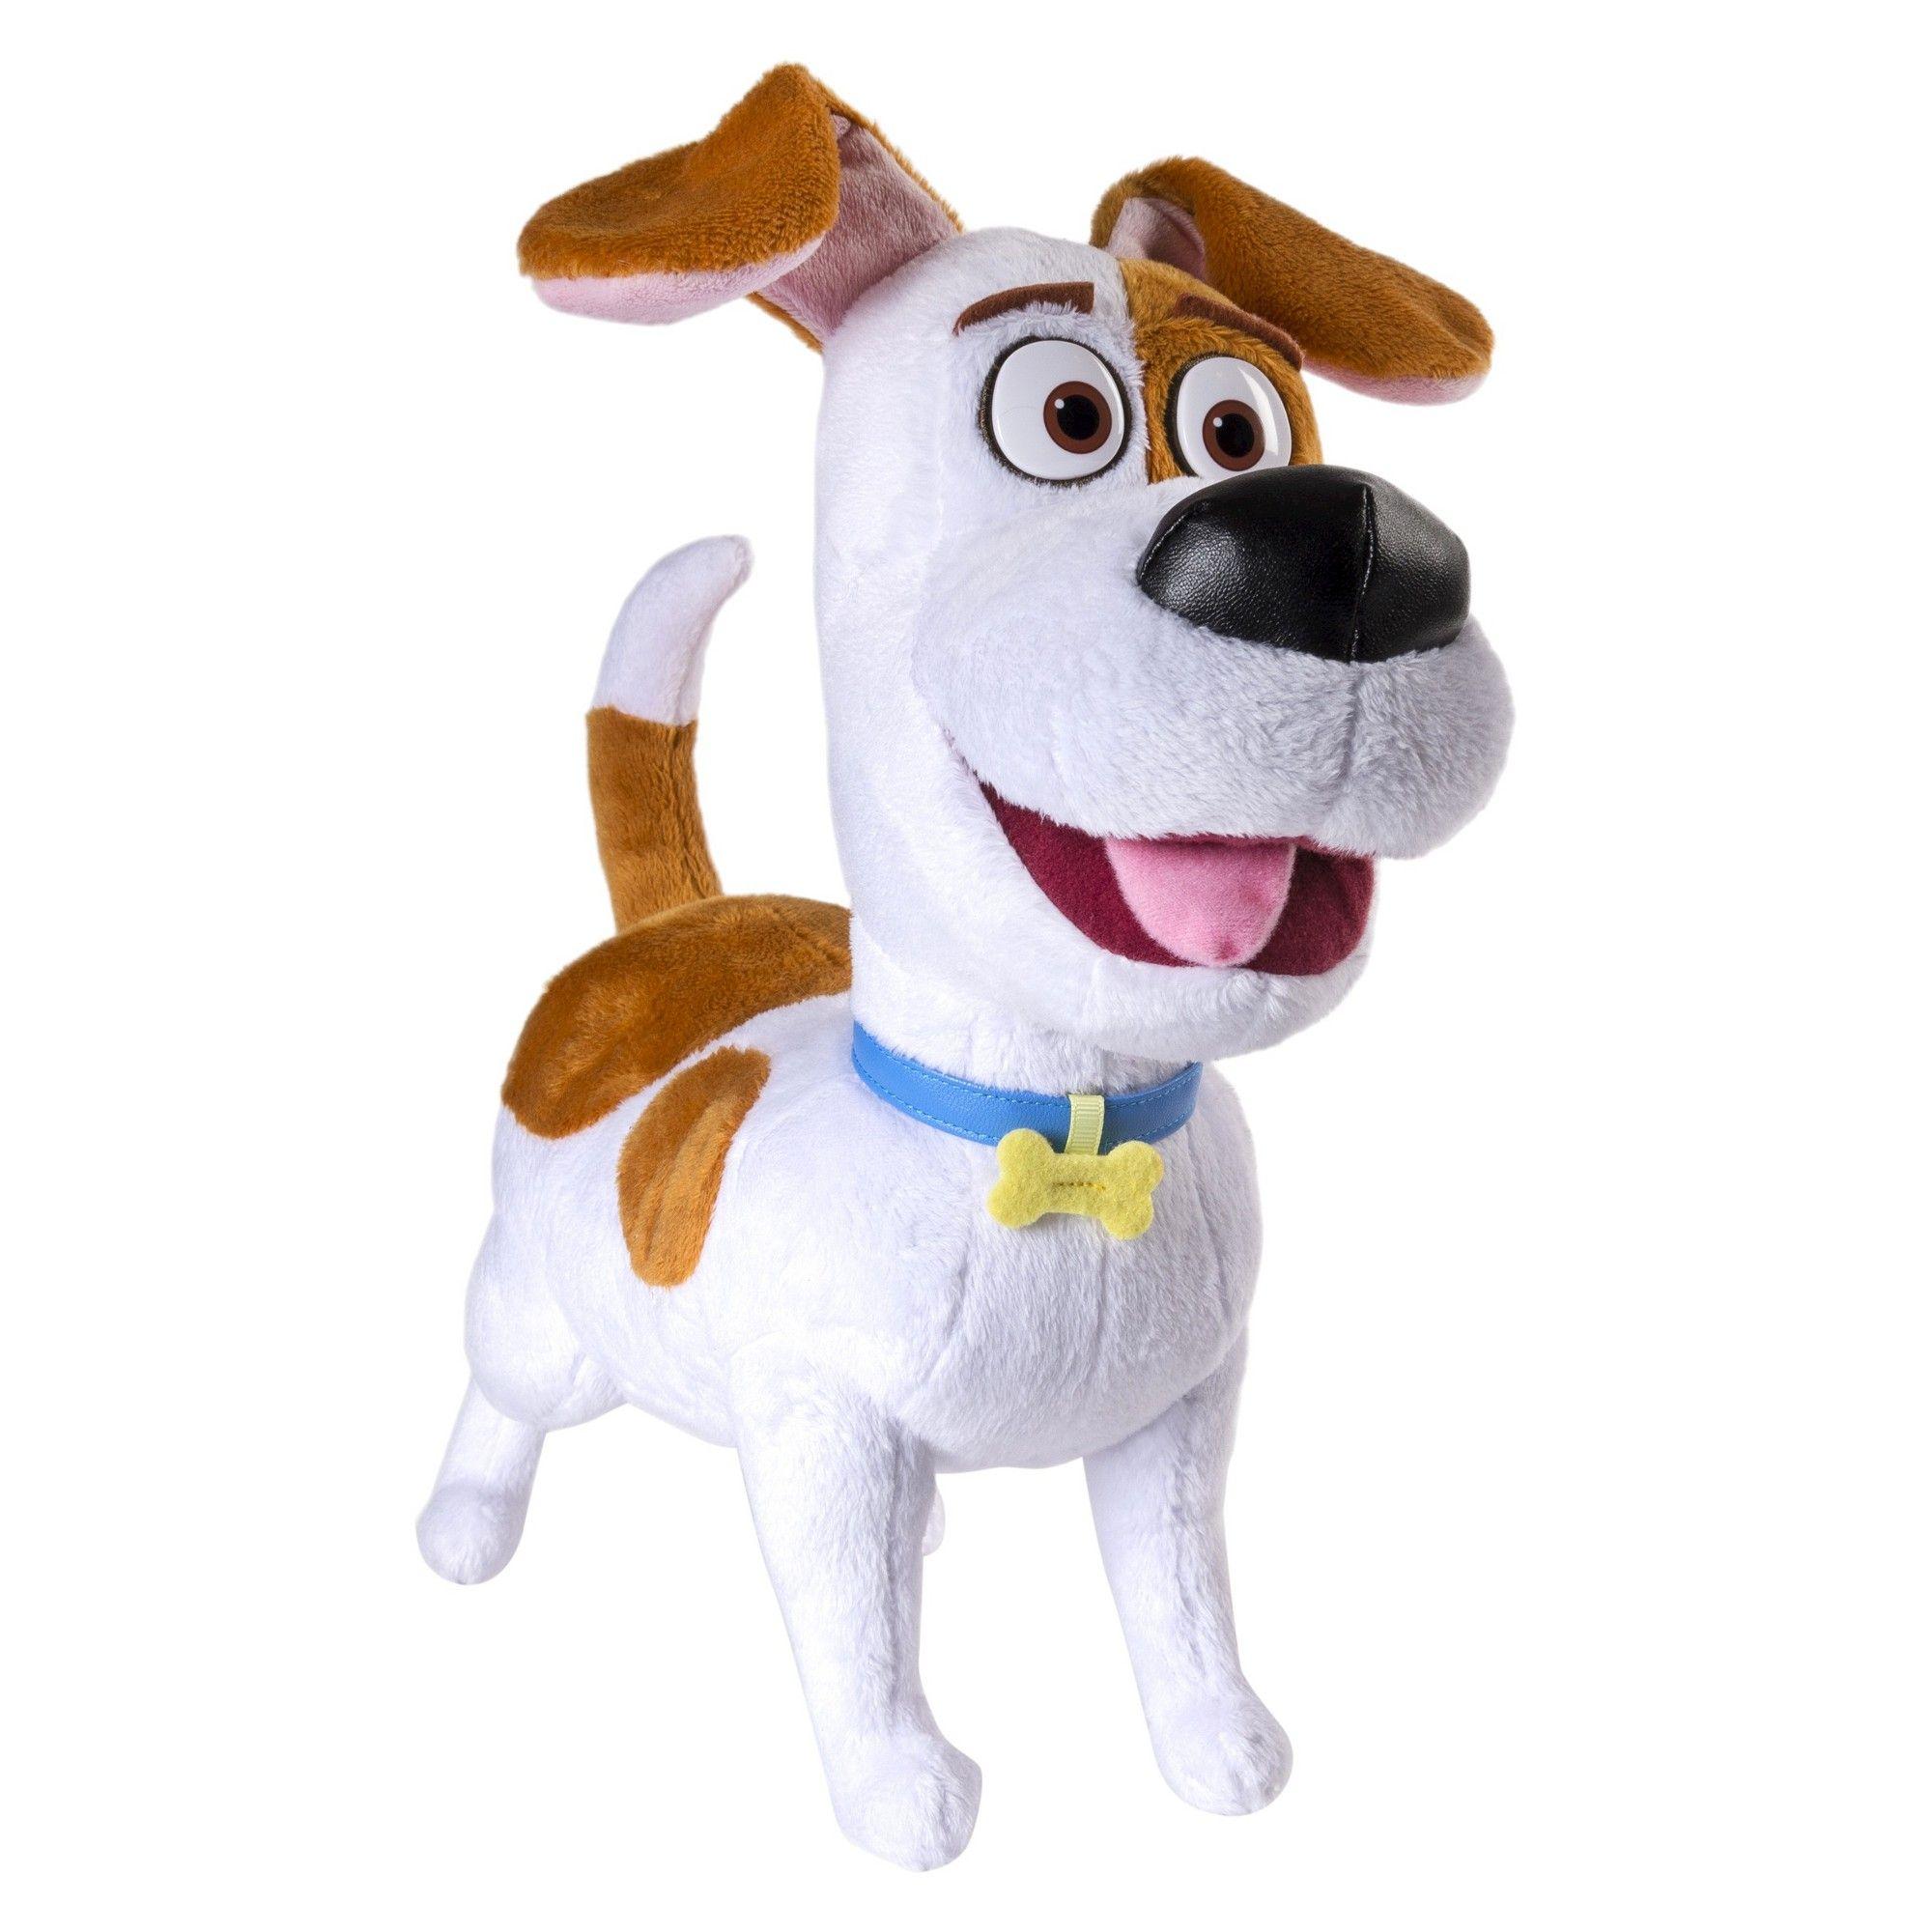 970e541758 The Secret Life of Pets - Max 12 Talking Plush Buddy